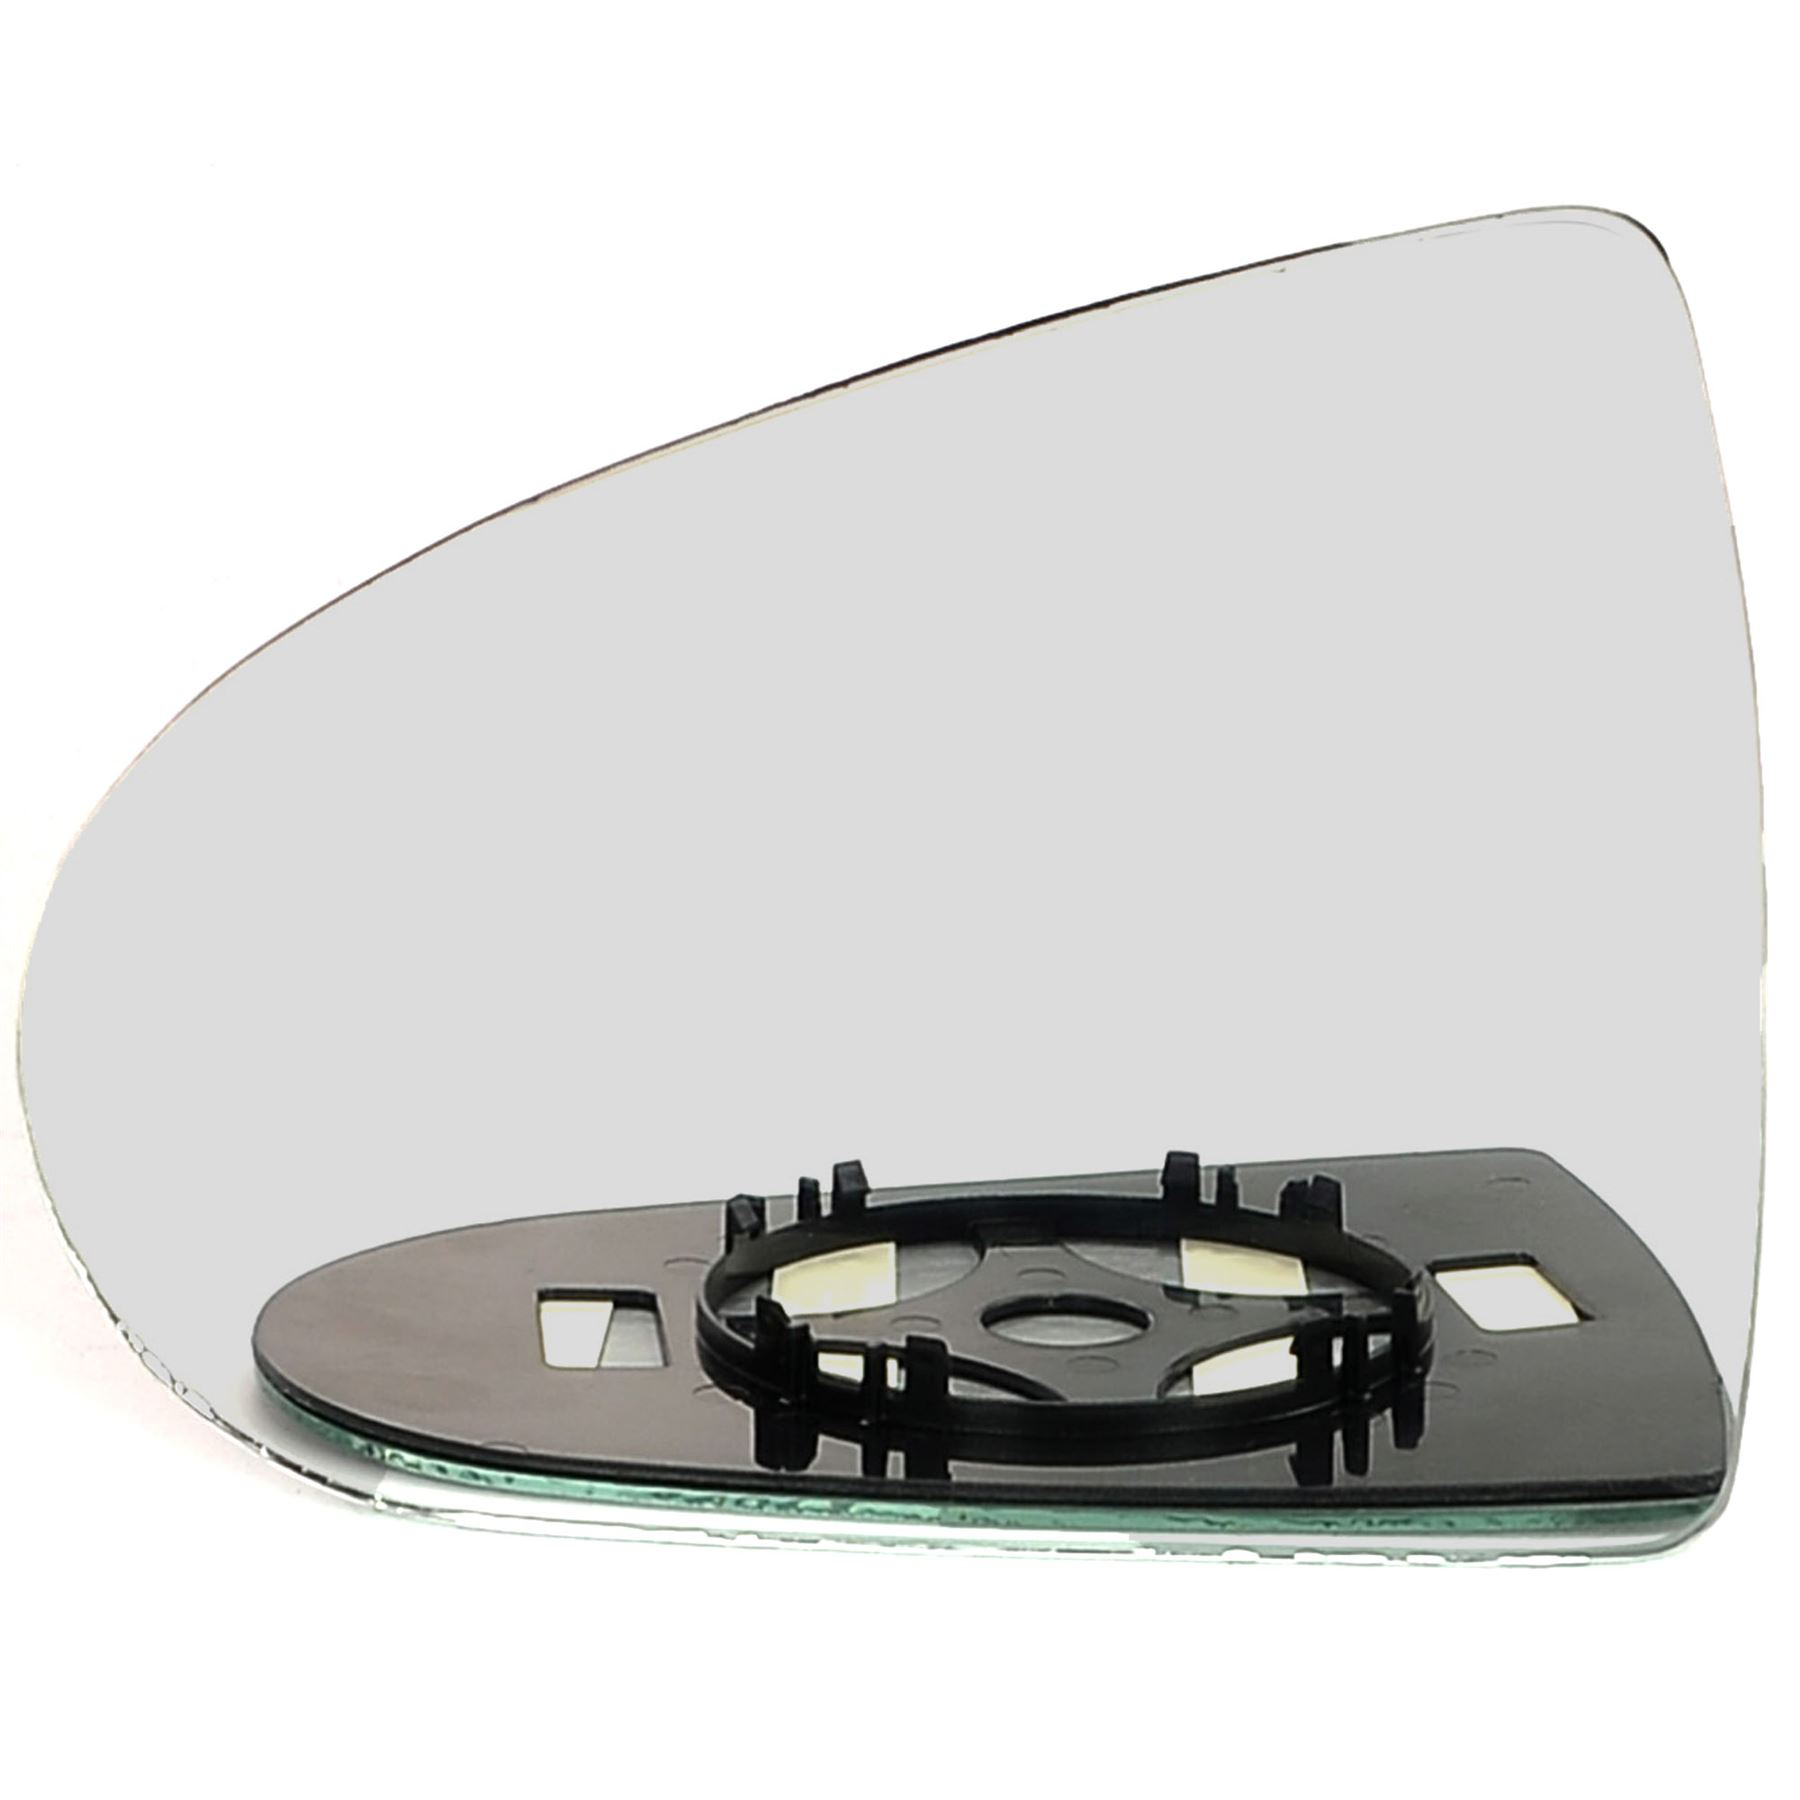 Cristal espejo de ala derecha lado del conductor para Mitsubishi Colt 2004-2012